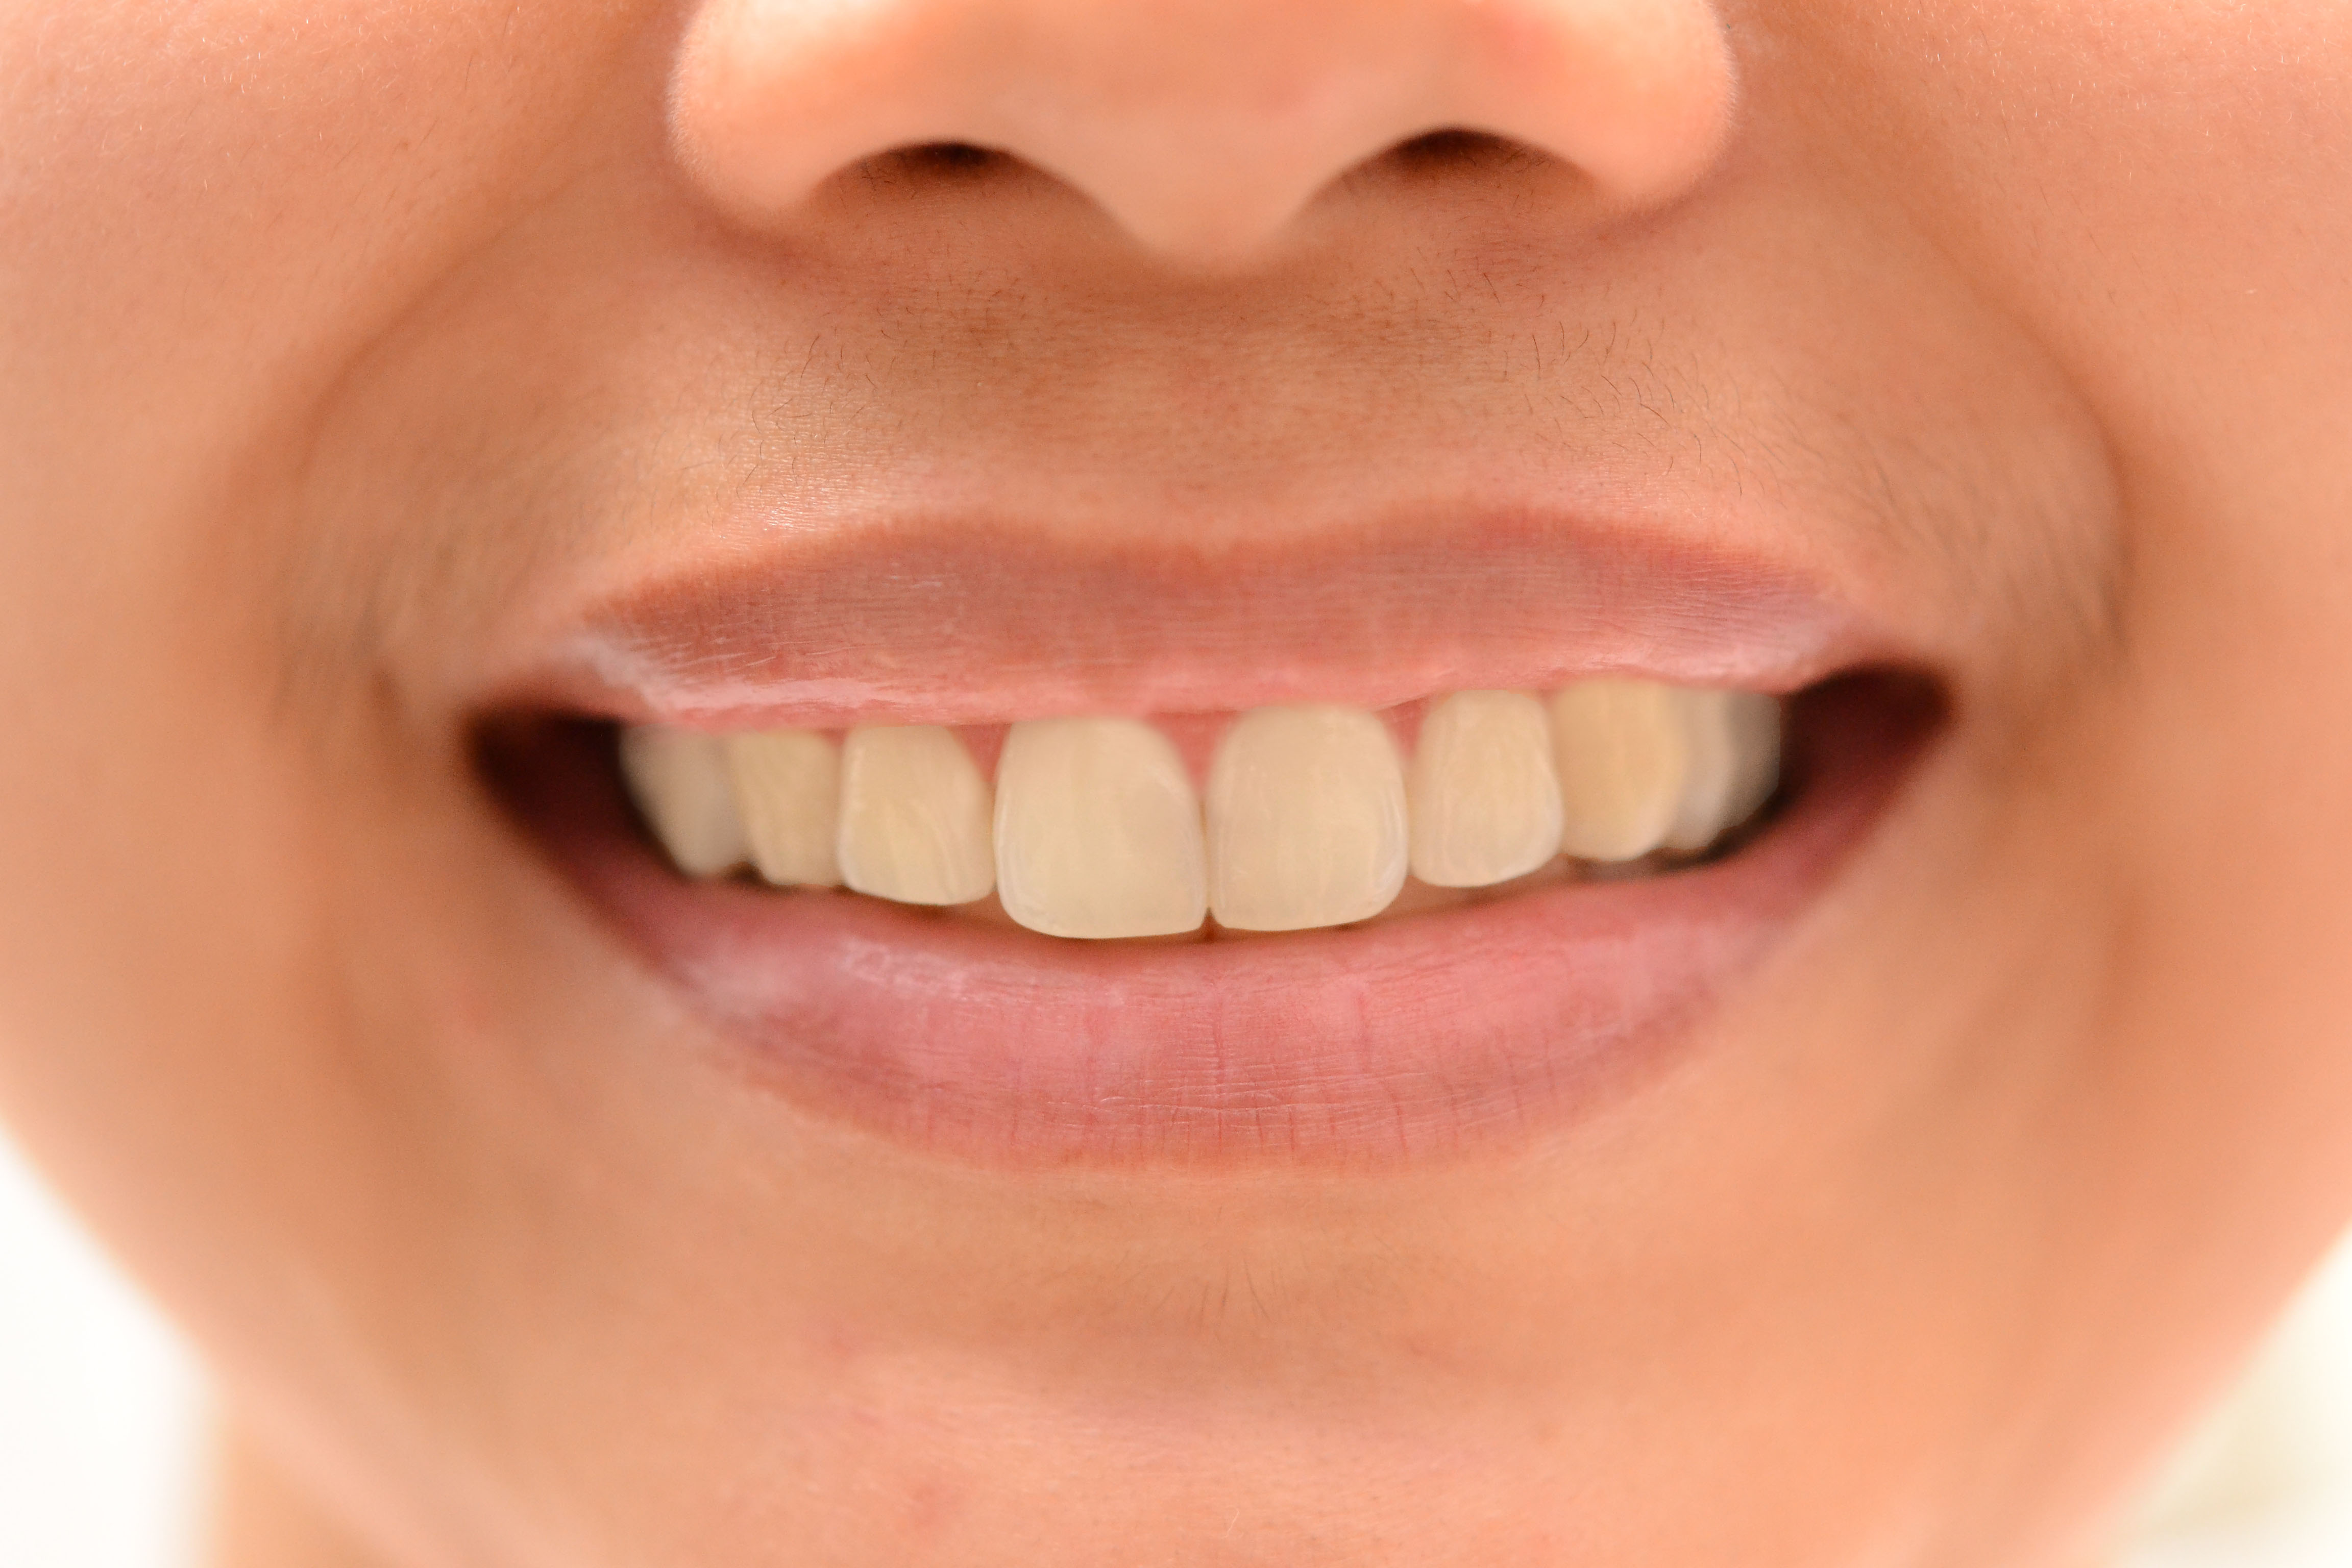 có nên tẩy trắng răng không